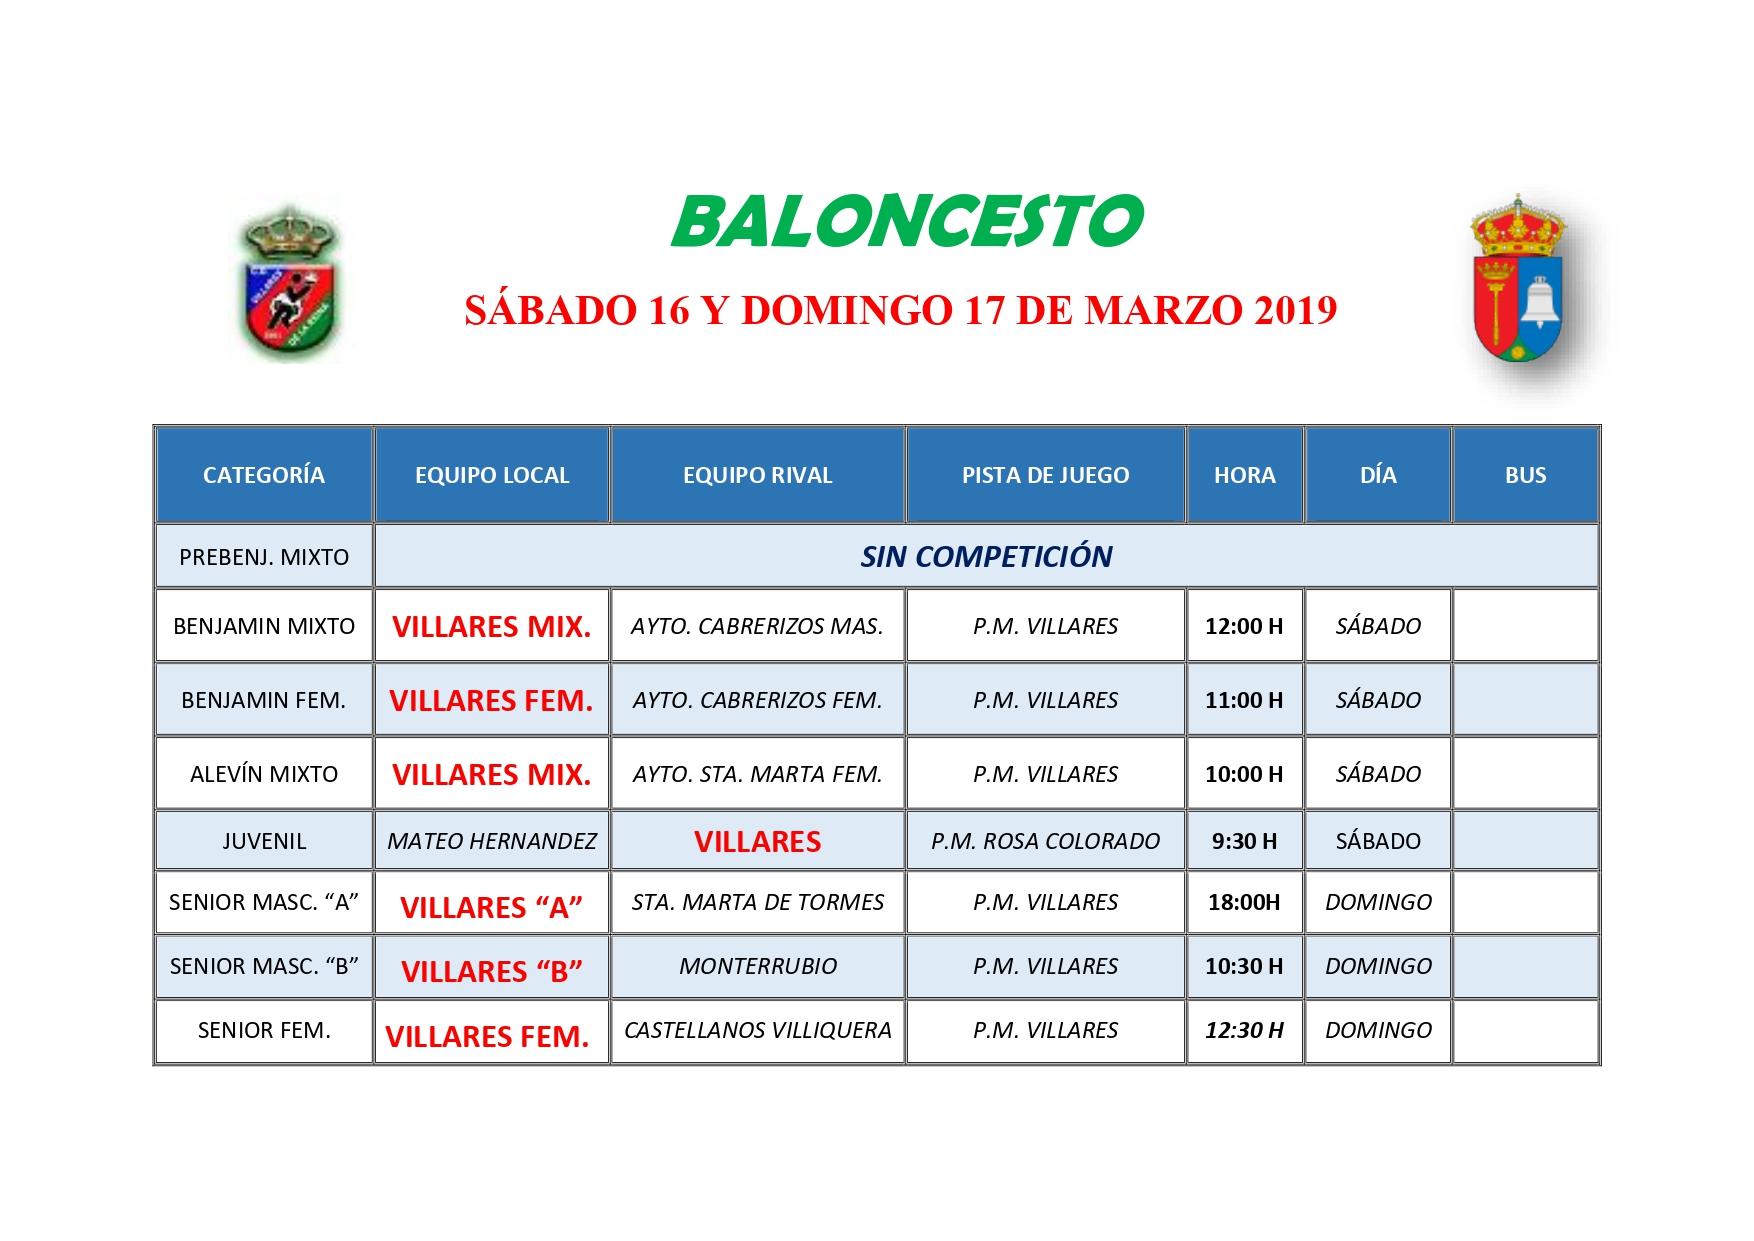 HORARIO DE BALONCESTO S�BADO 16 Y DOMINGO 17 DE MARZO